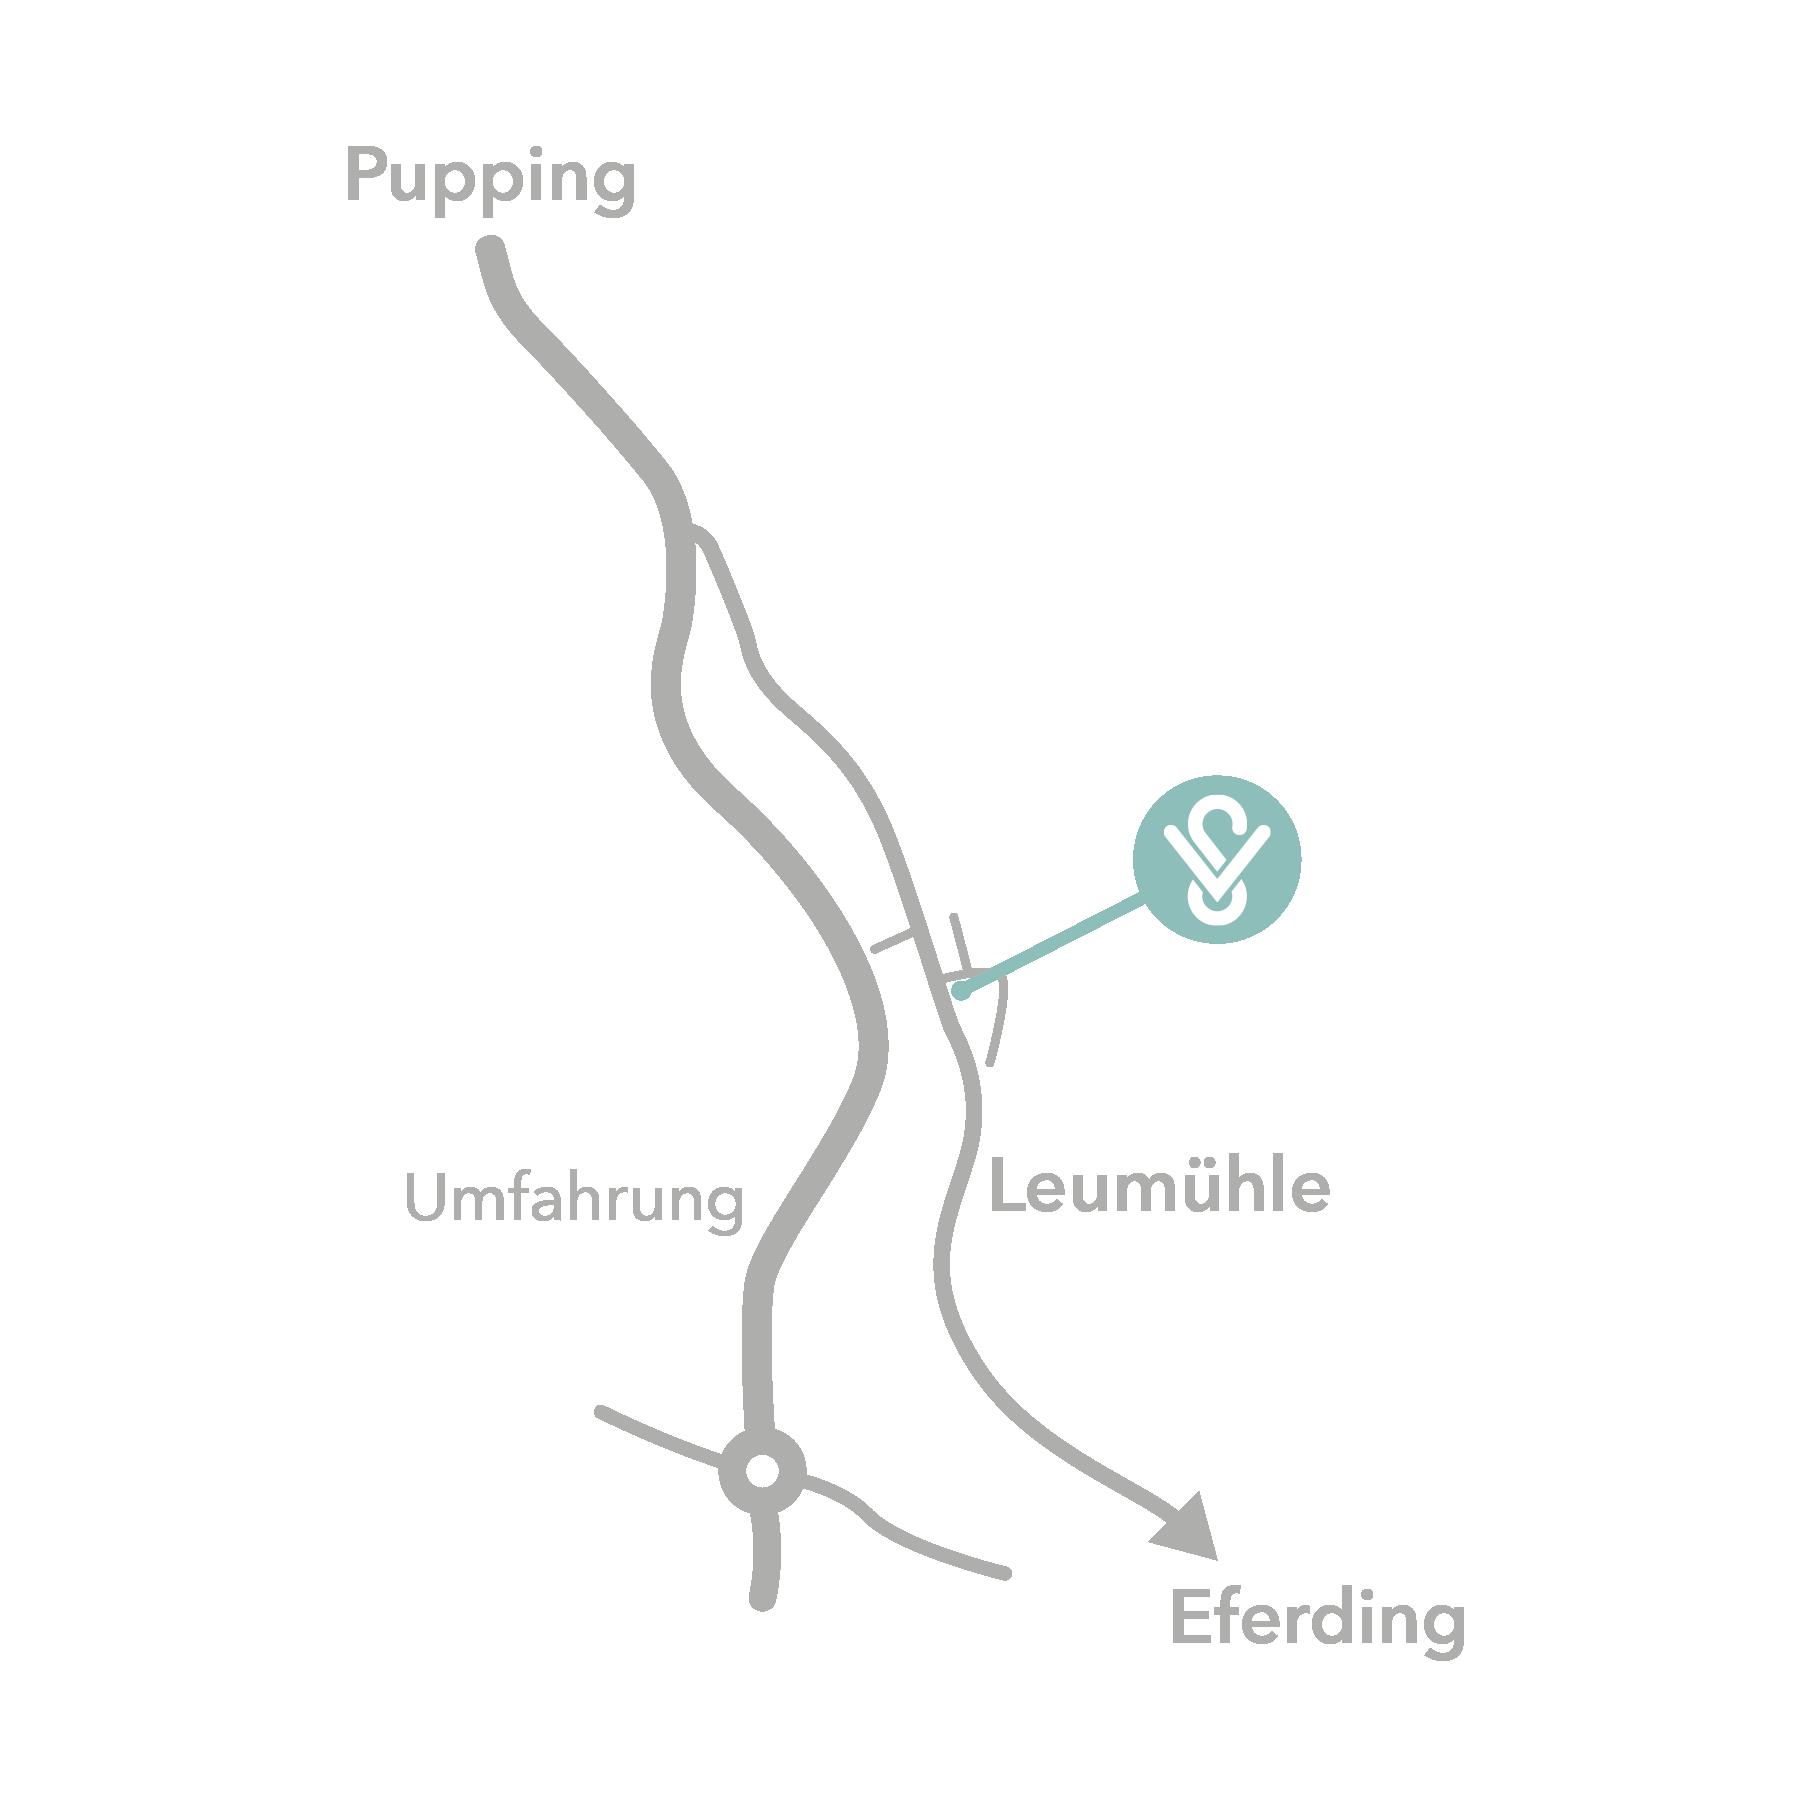 VER_Anfahrt_Zeichenfläche 1